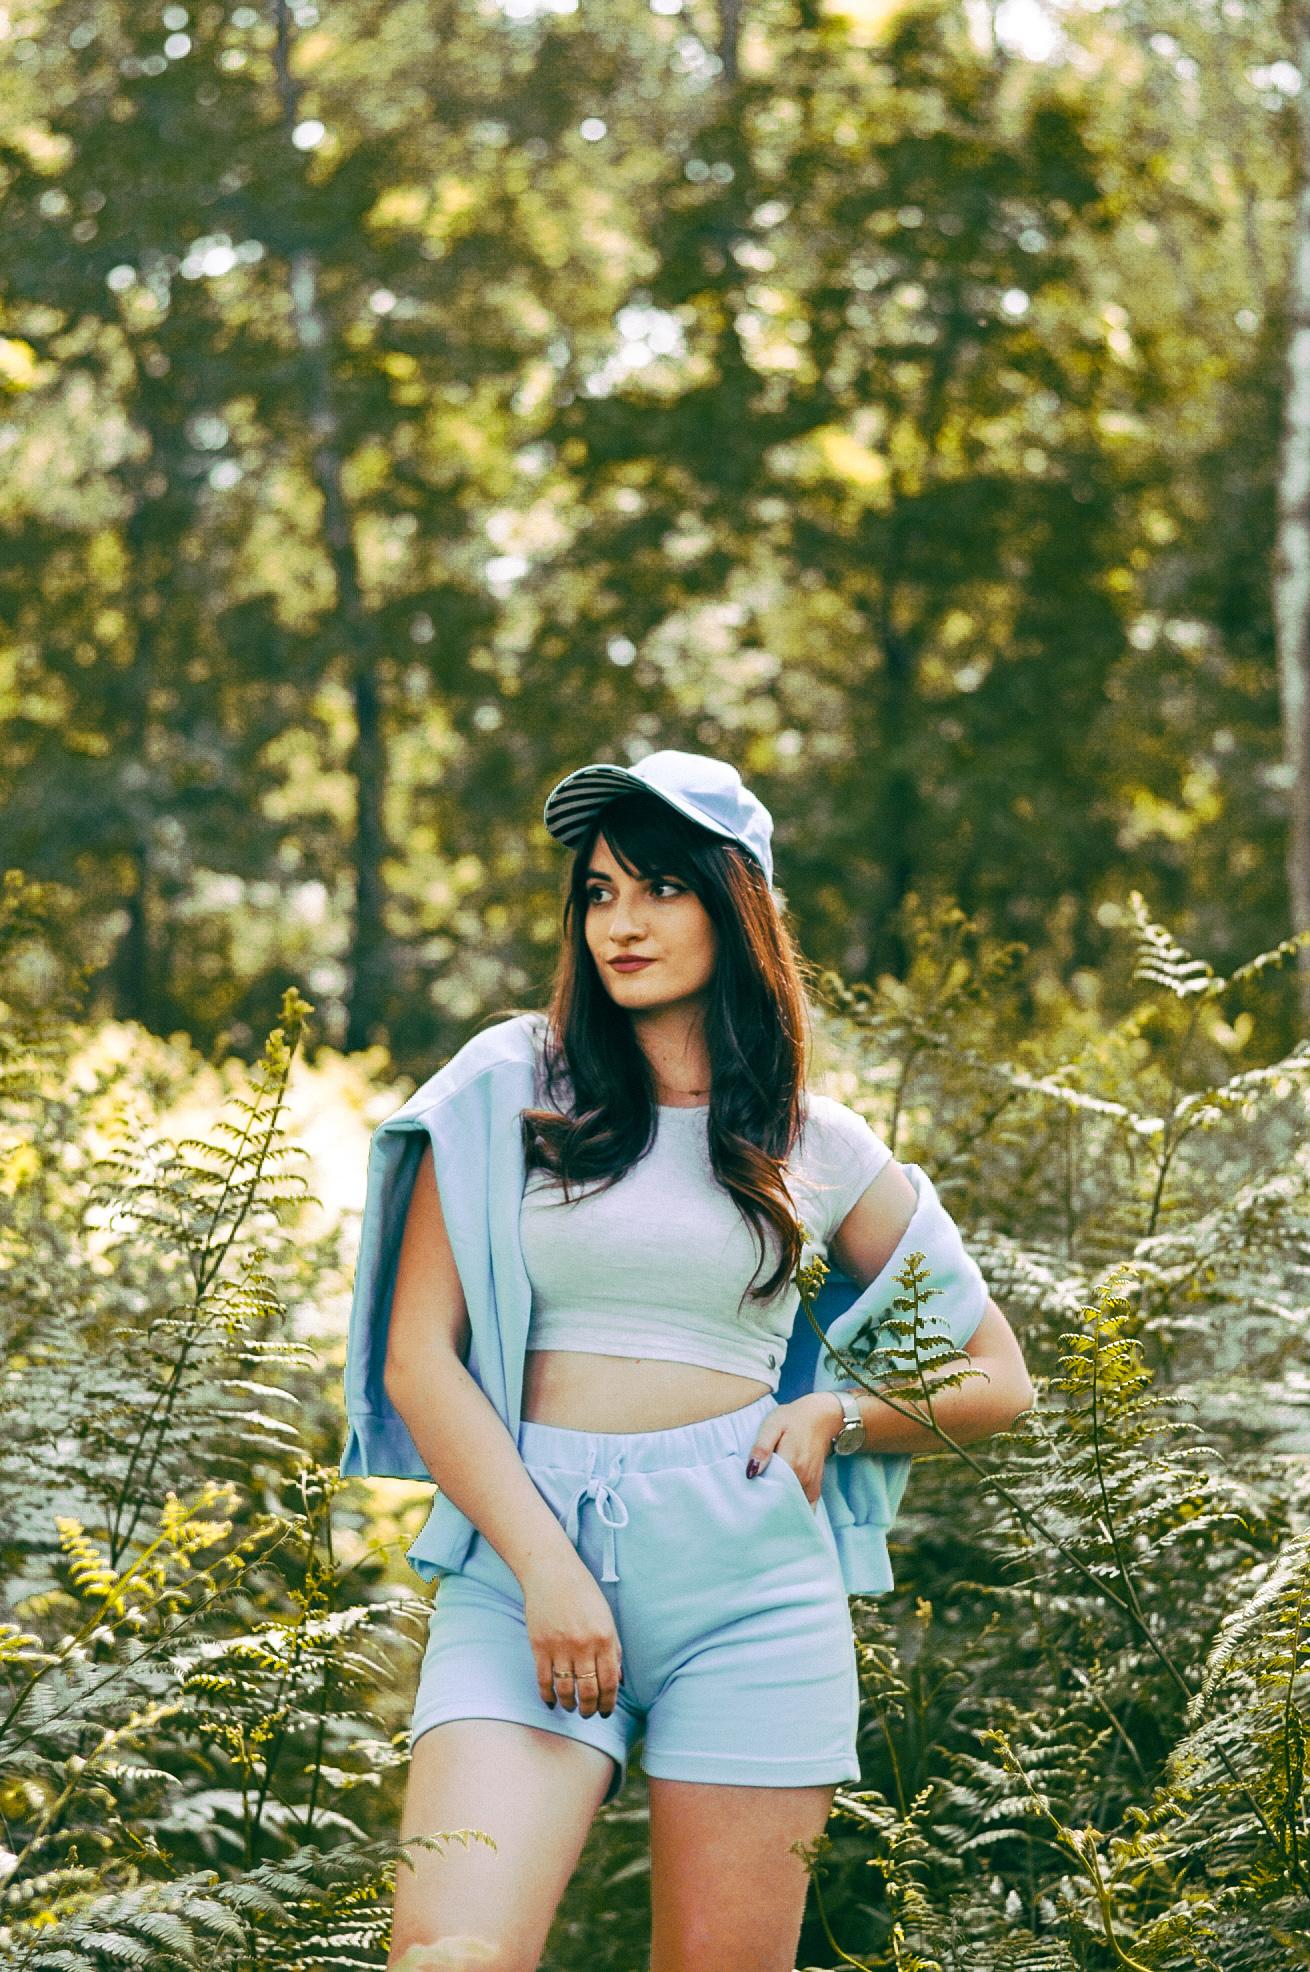 błękitny komplet dresowy damski z szortami - pomysł na stylizacje